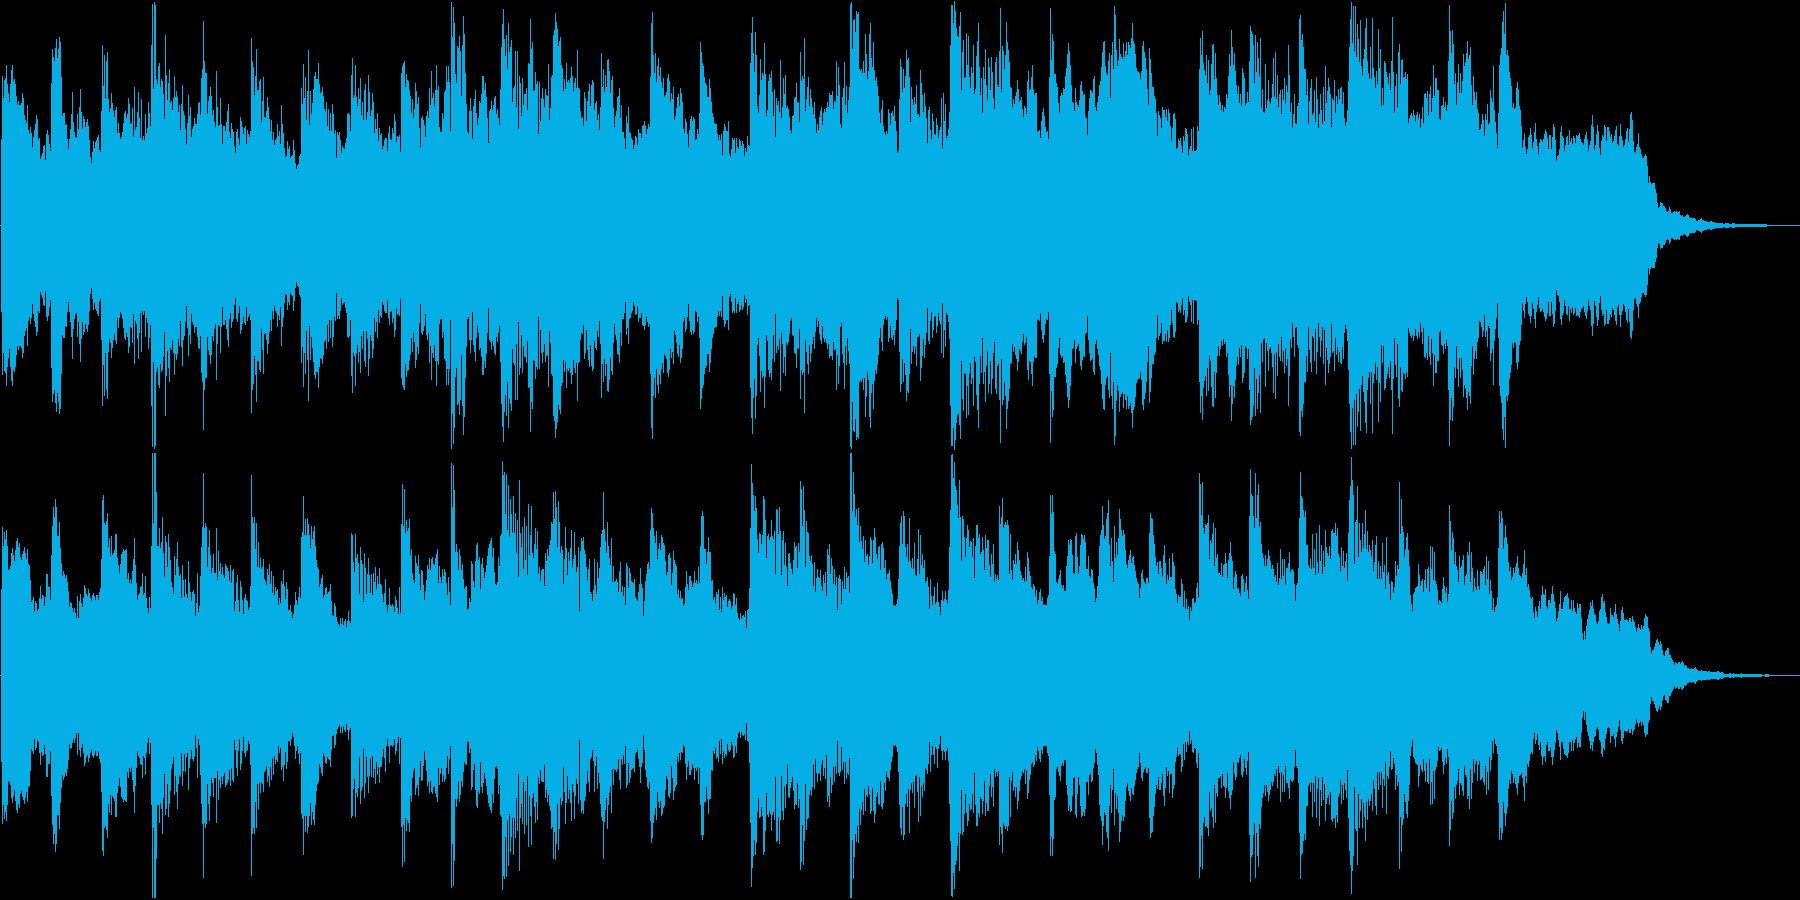 哀愁のあるメロディーが印象的なバラードの再生済みの波形